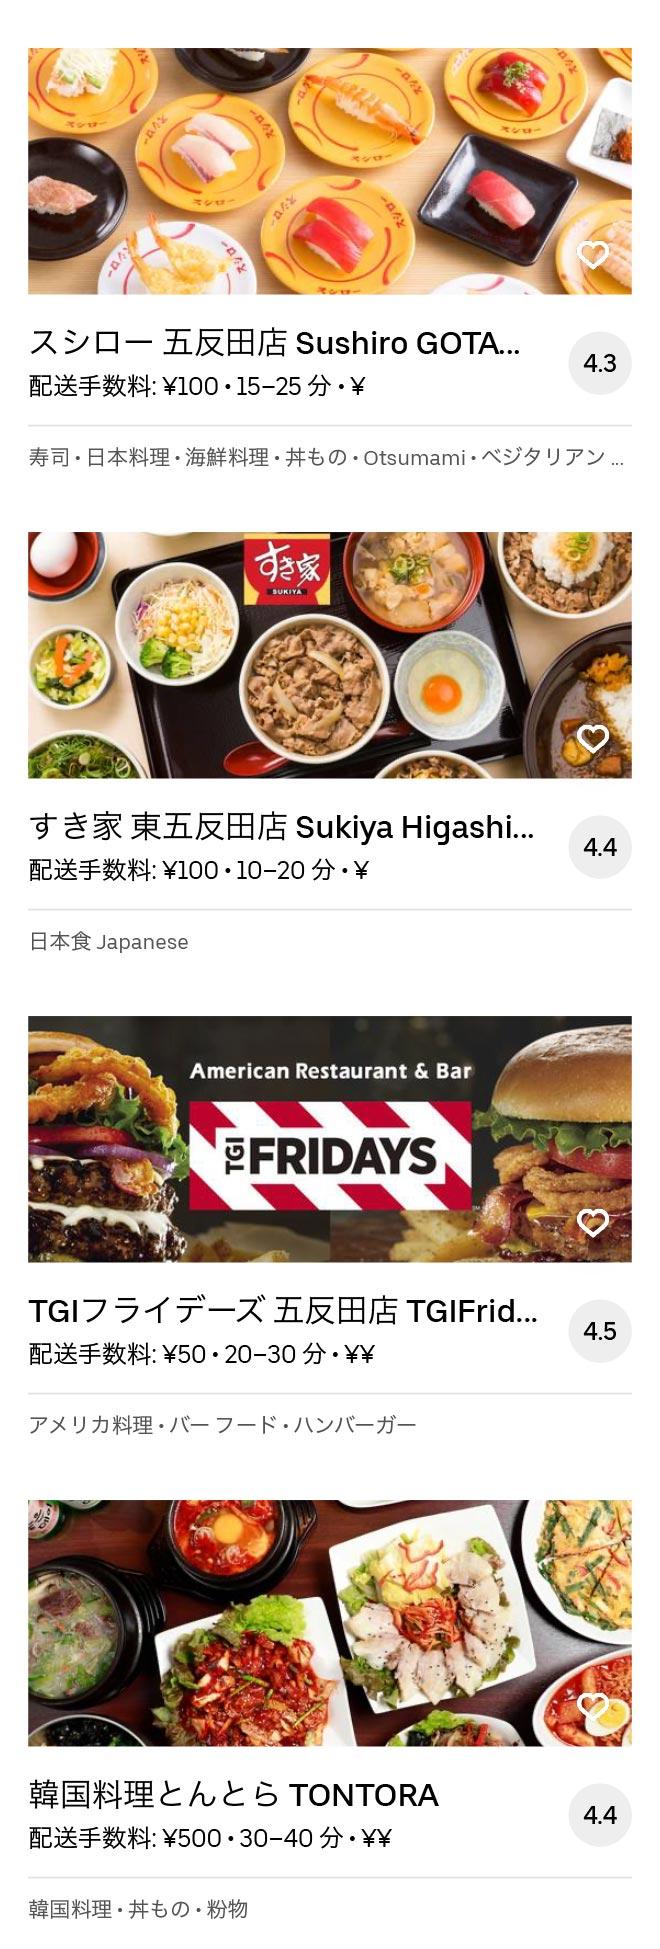 Tokyo osaki menu 2005 07